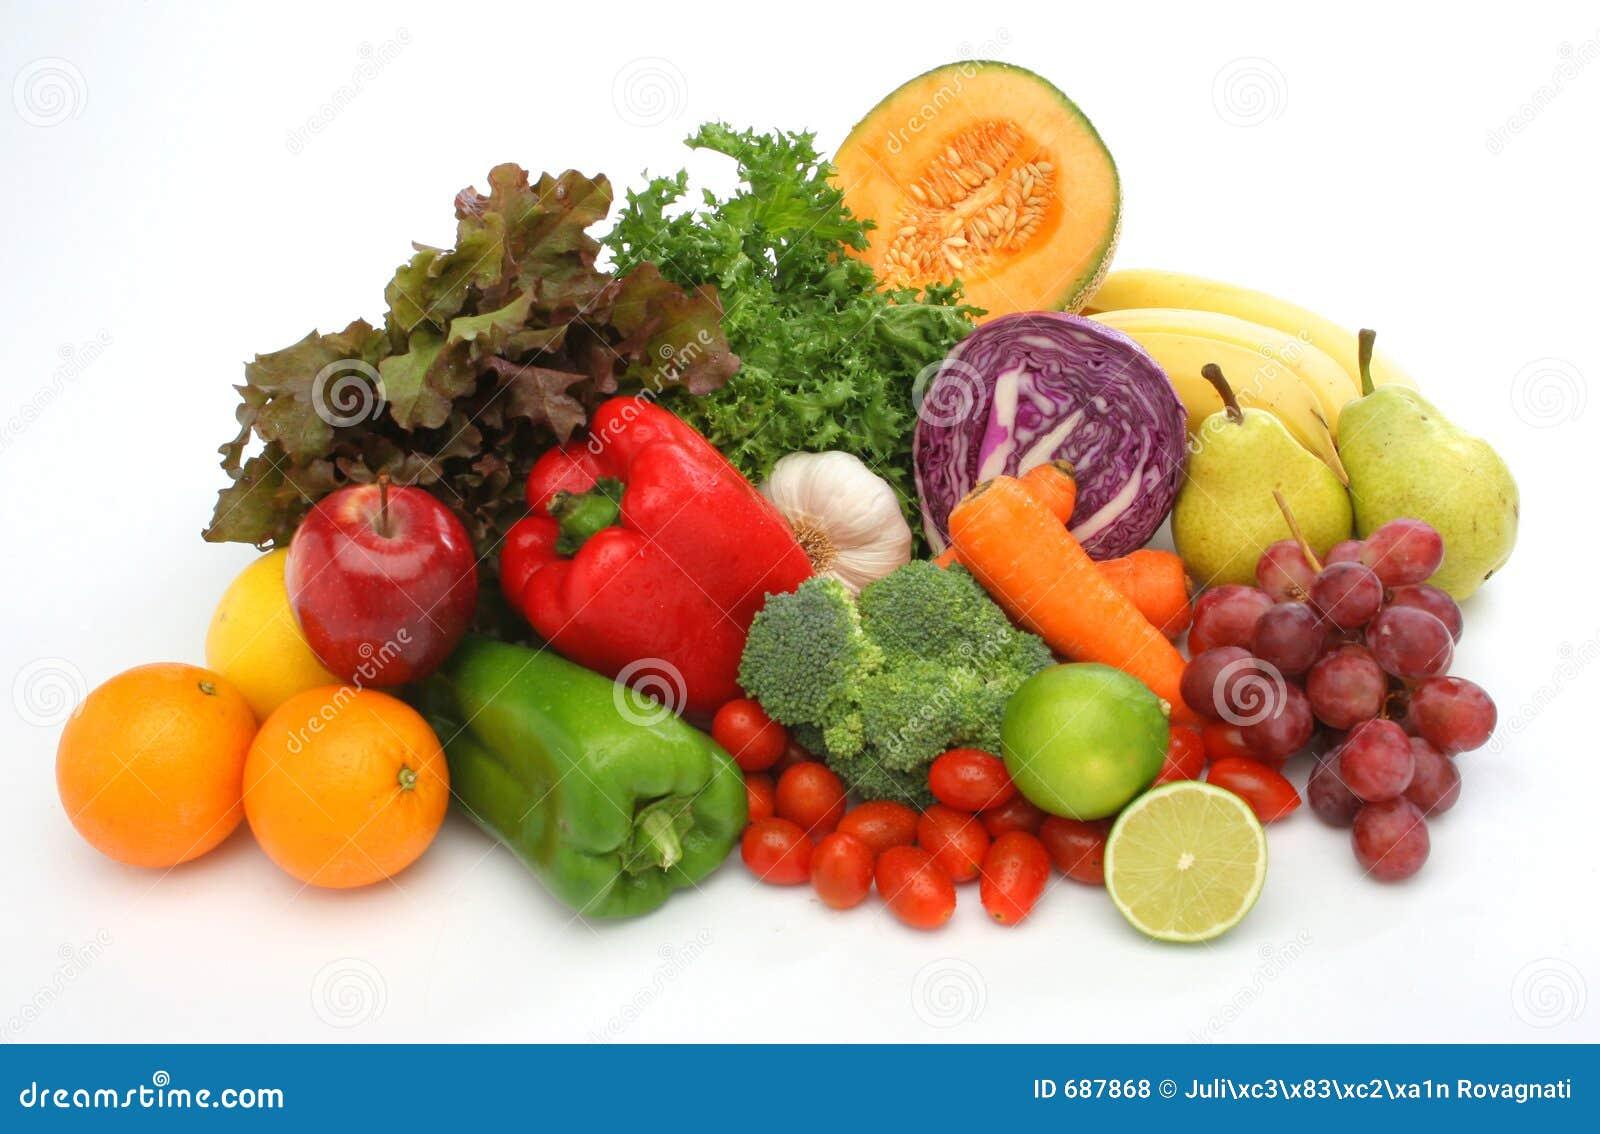 Kleurrijke verse groep groenten en vruchten